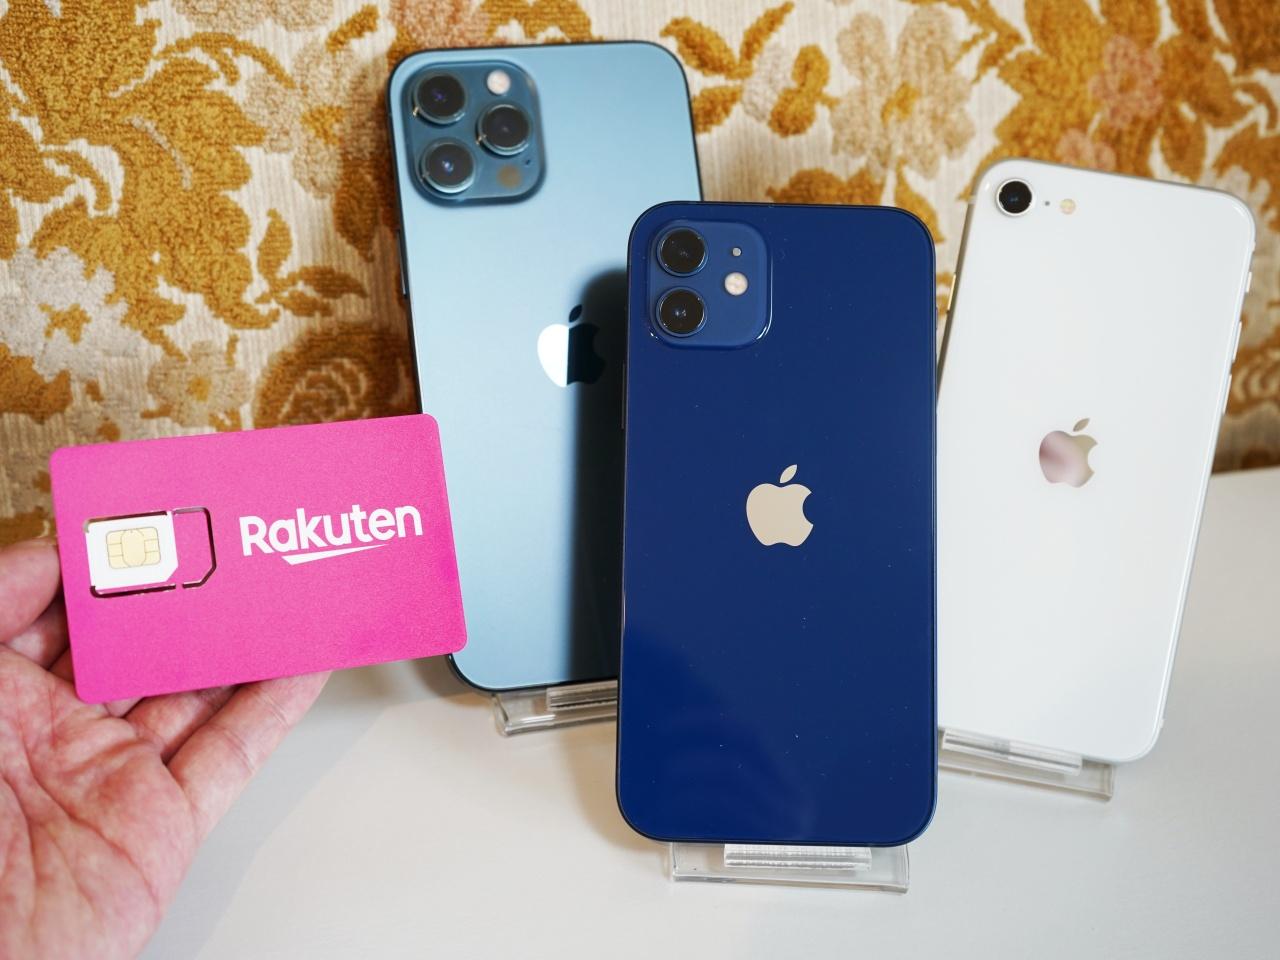 Rakuten iPhone